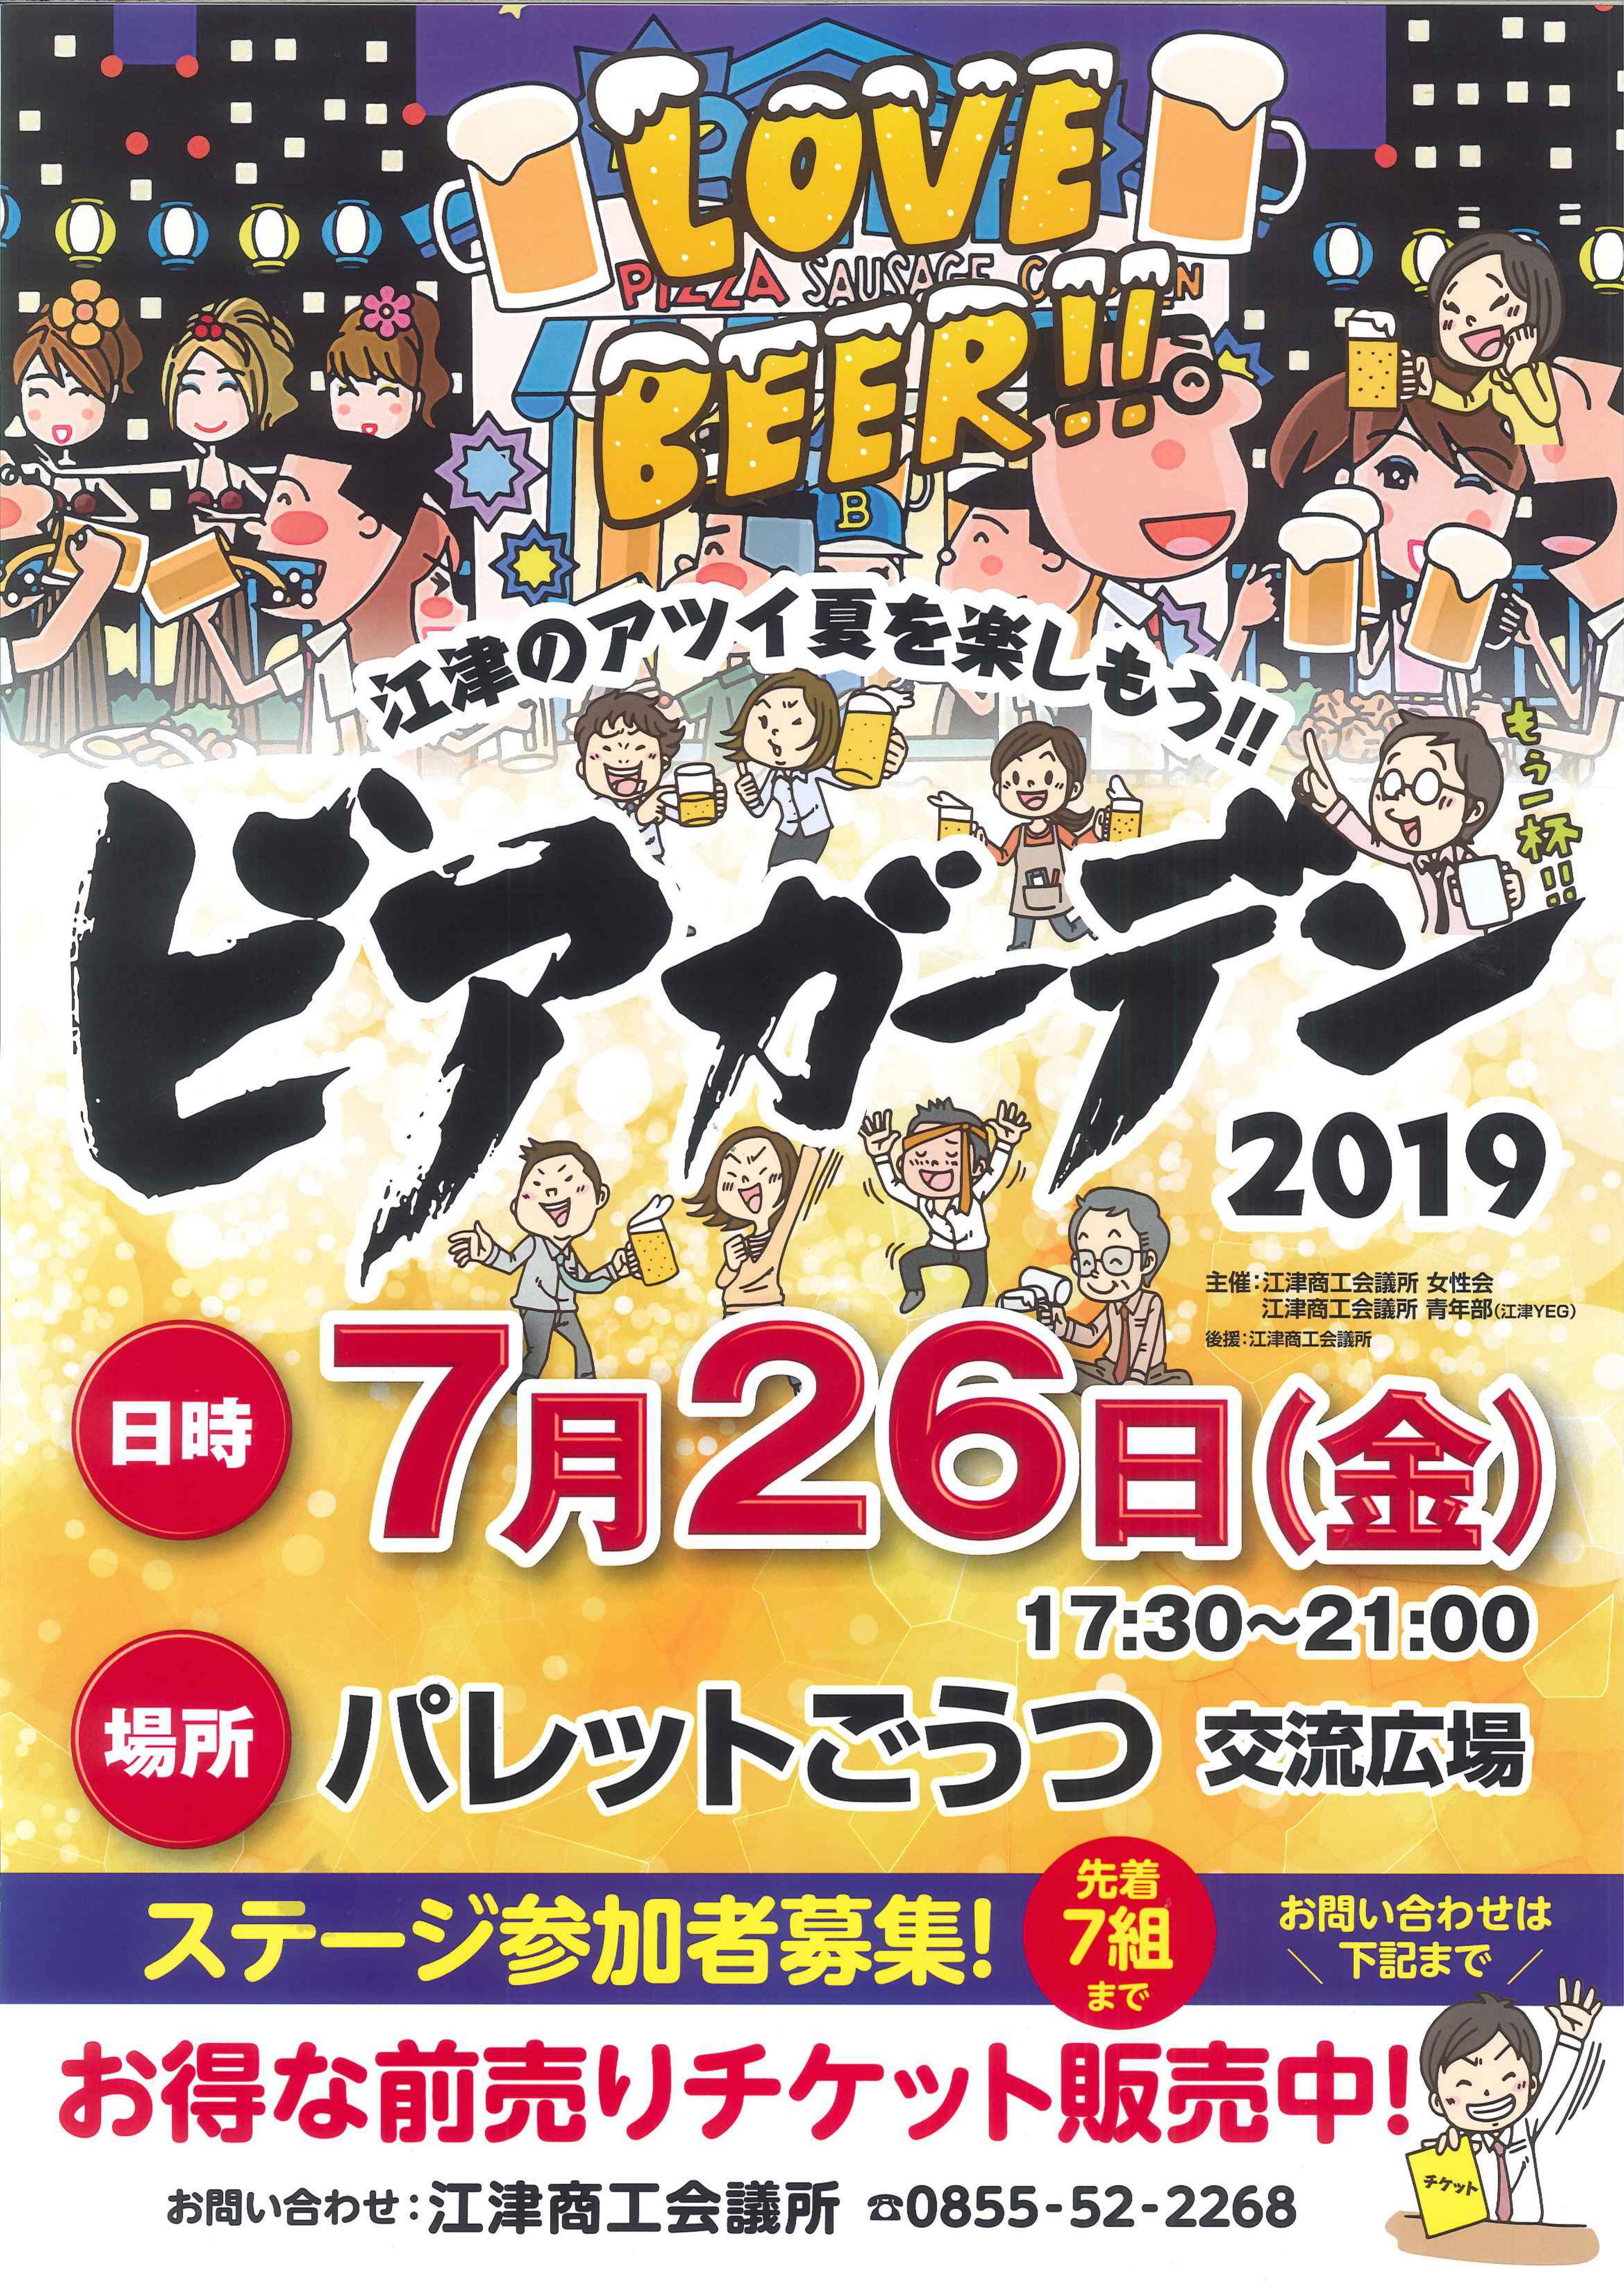 ビアガーデン 7月26日(金)17:30~21:00 交流広場でアツイ夏を楽しもう!!